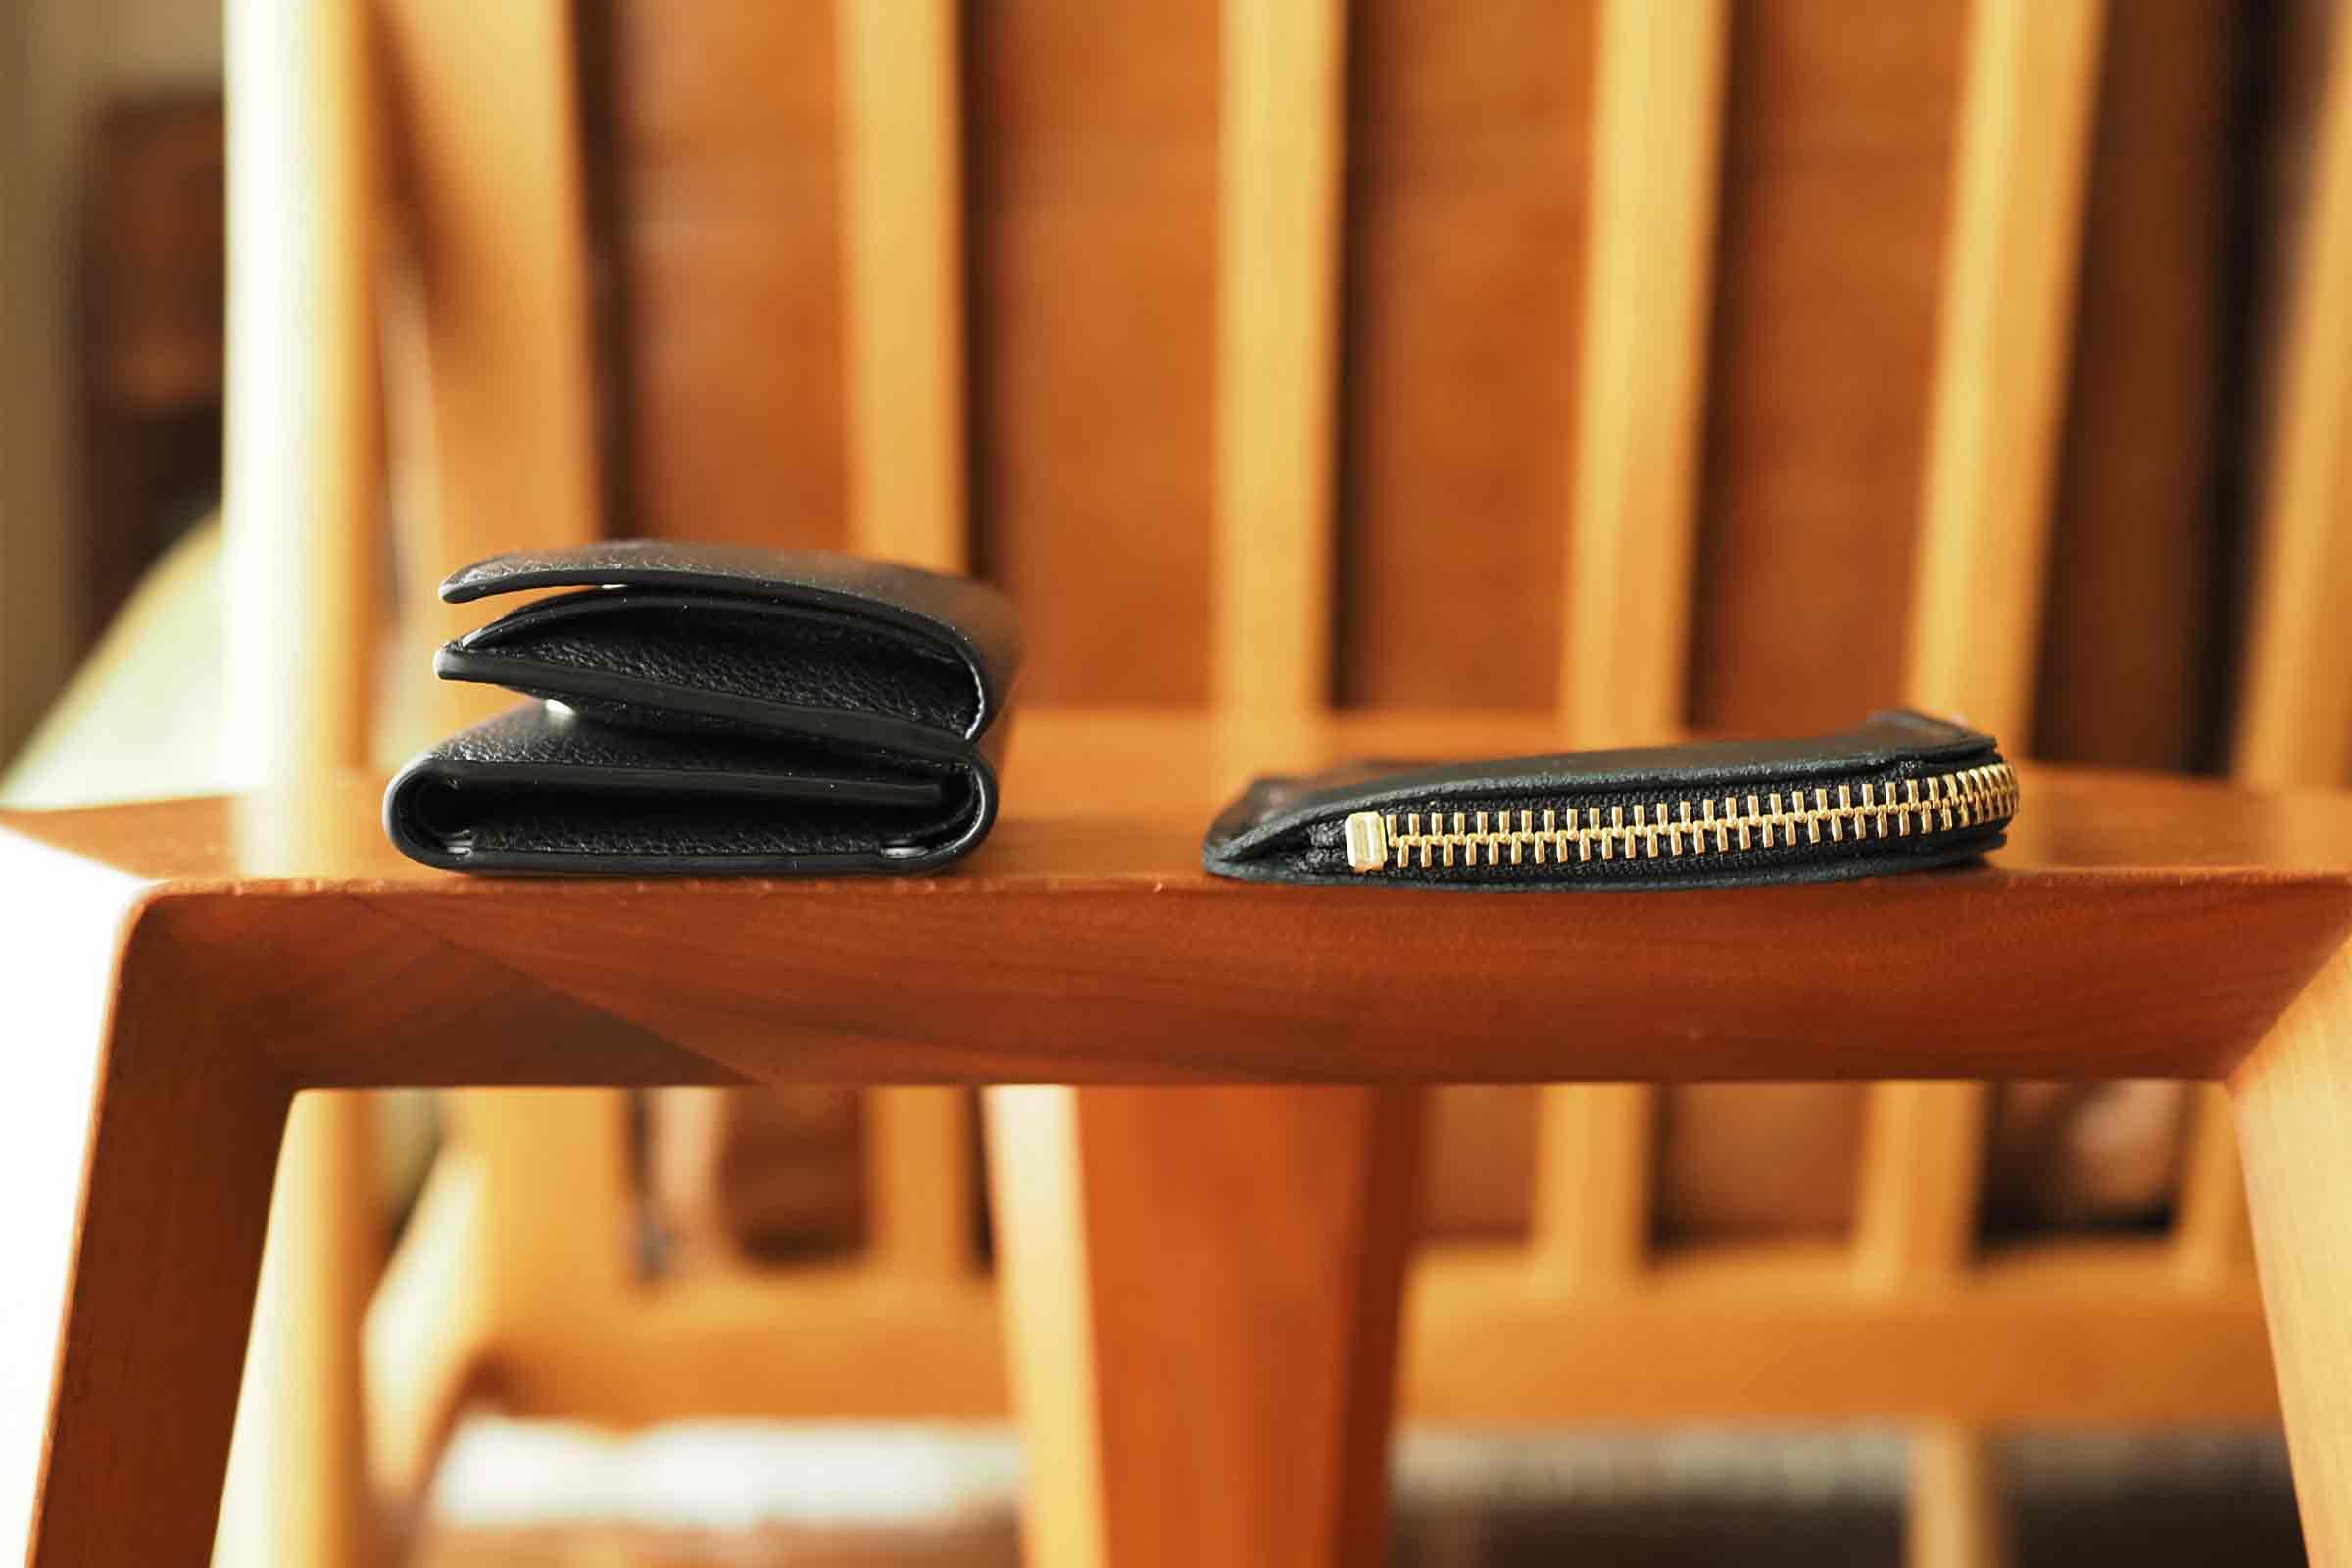 財布,ミニ財布,メンズ,栃木レザー,本革,小さい,薄い,スリム